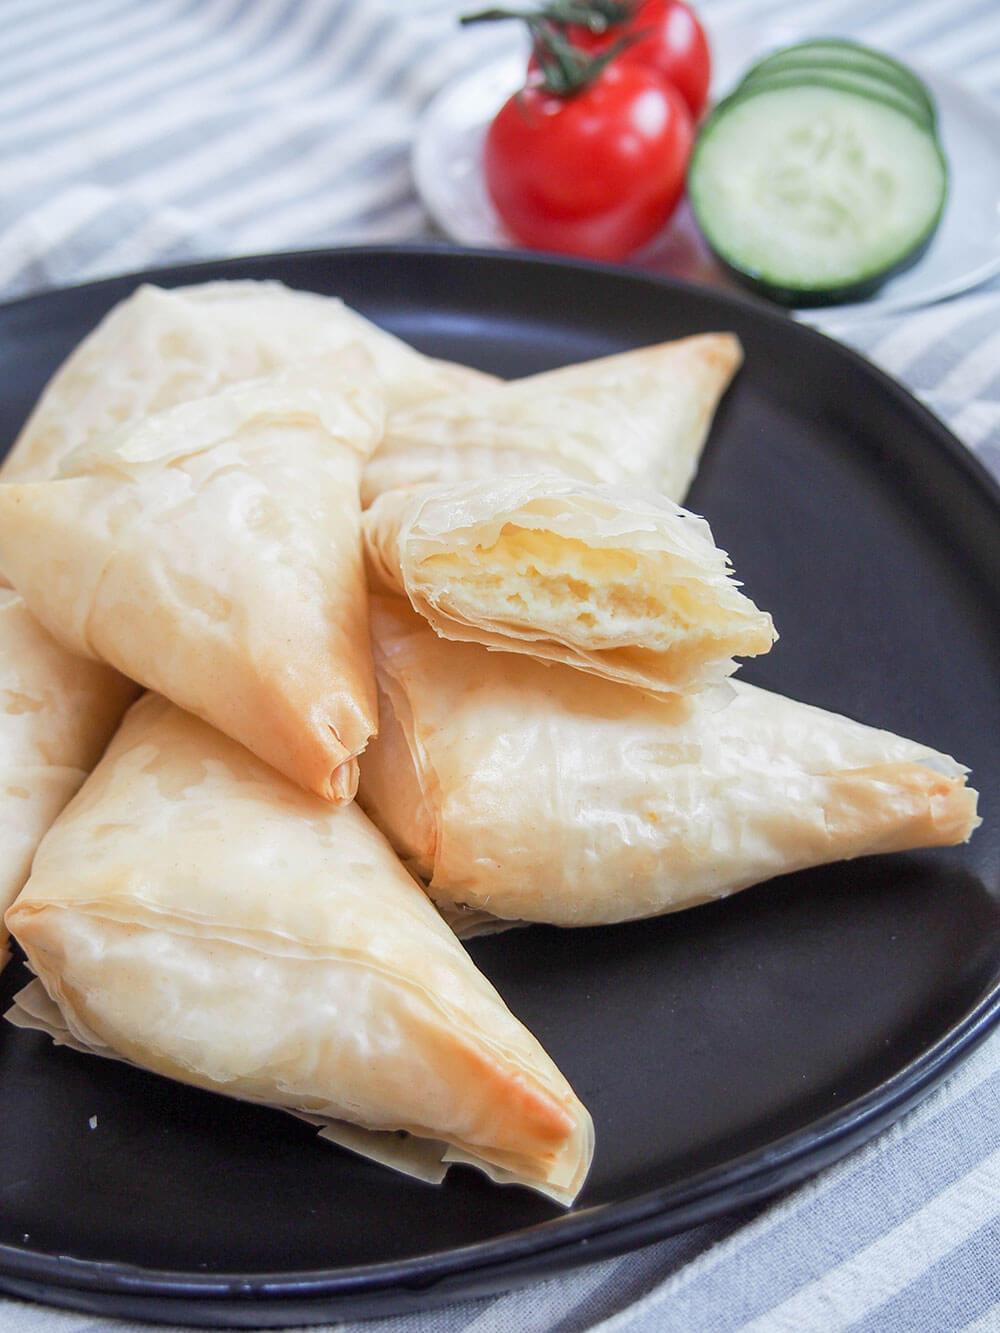 tiropita Greek cheese pastries with one split open